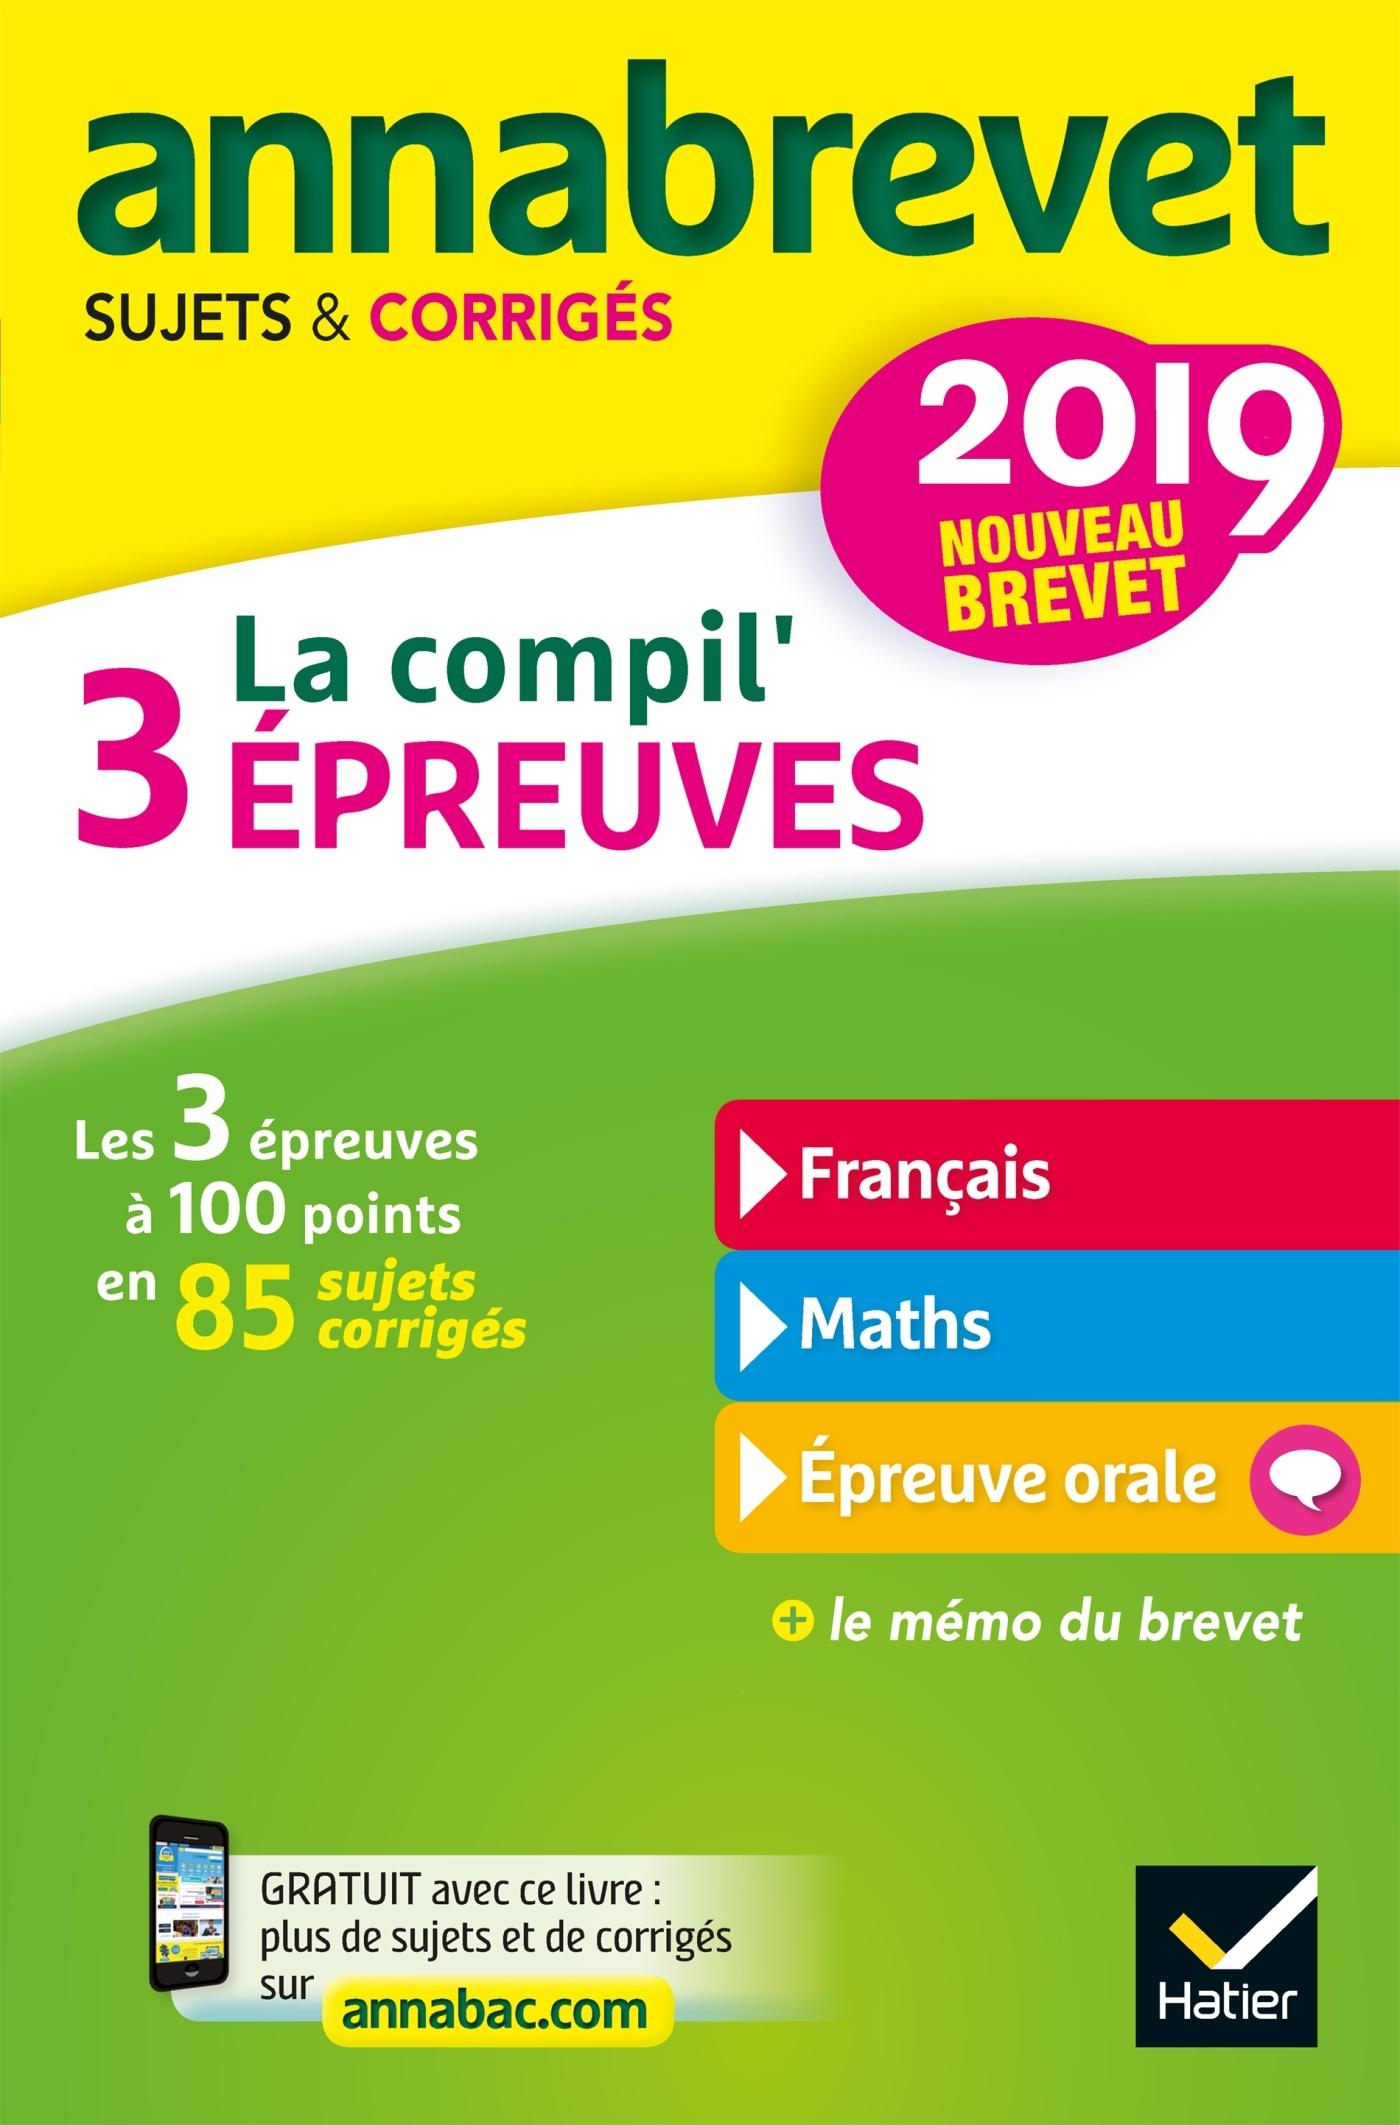 6 - ANNALES DU BREVET ANNABREVET 2019 LA COMPIL' 3 EPREUVES - SUJETS, CORRIGES & CONSEILS DE METHODE